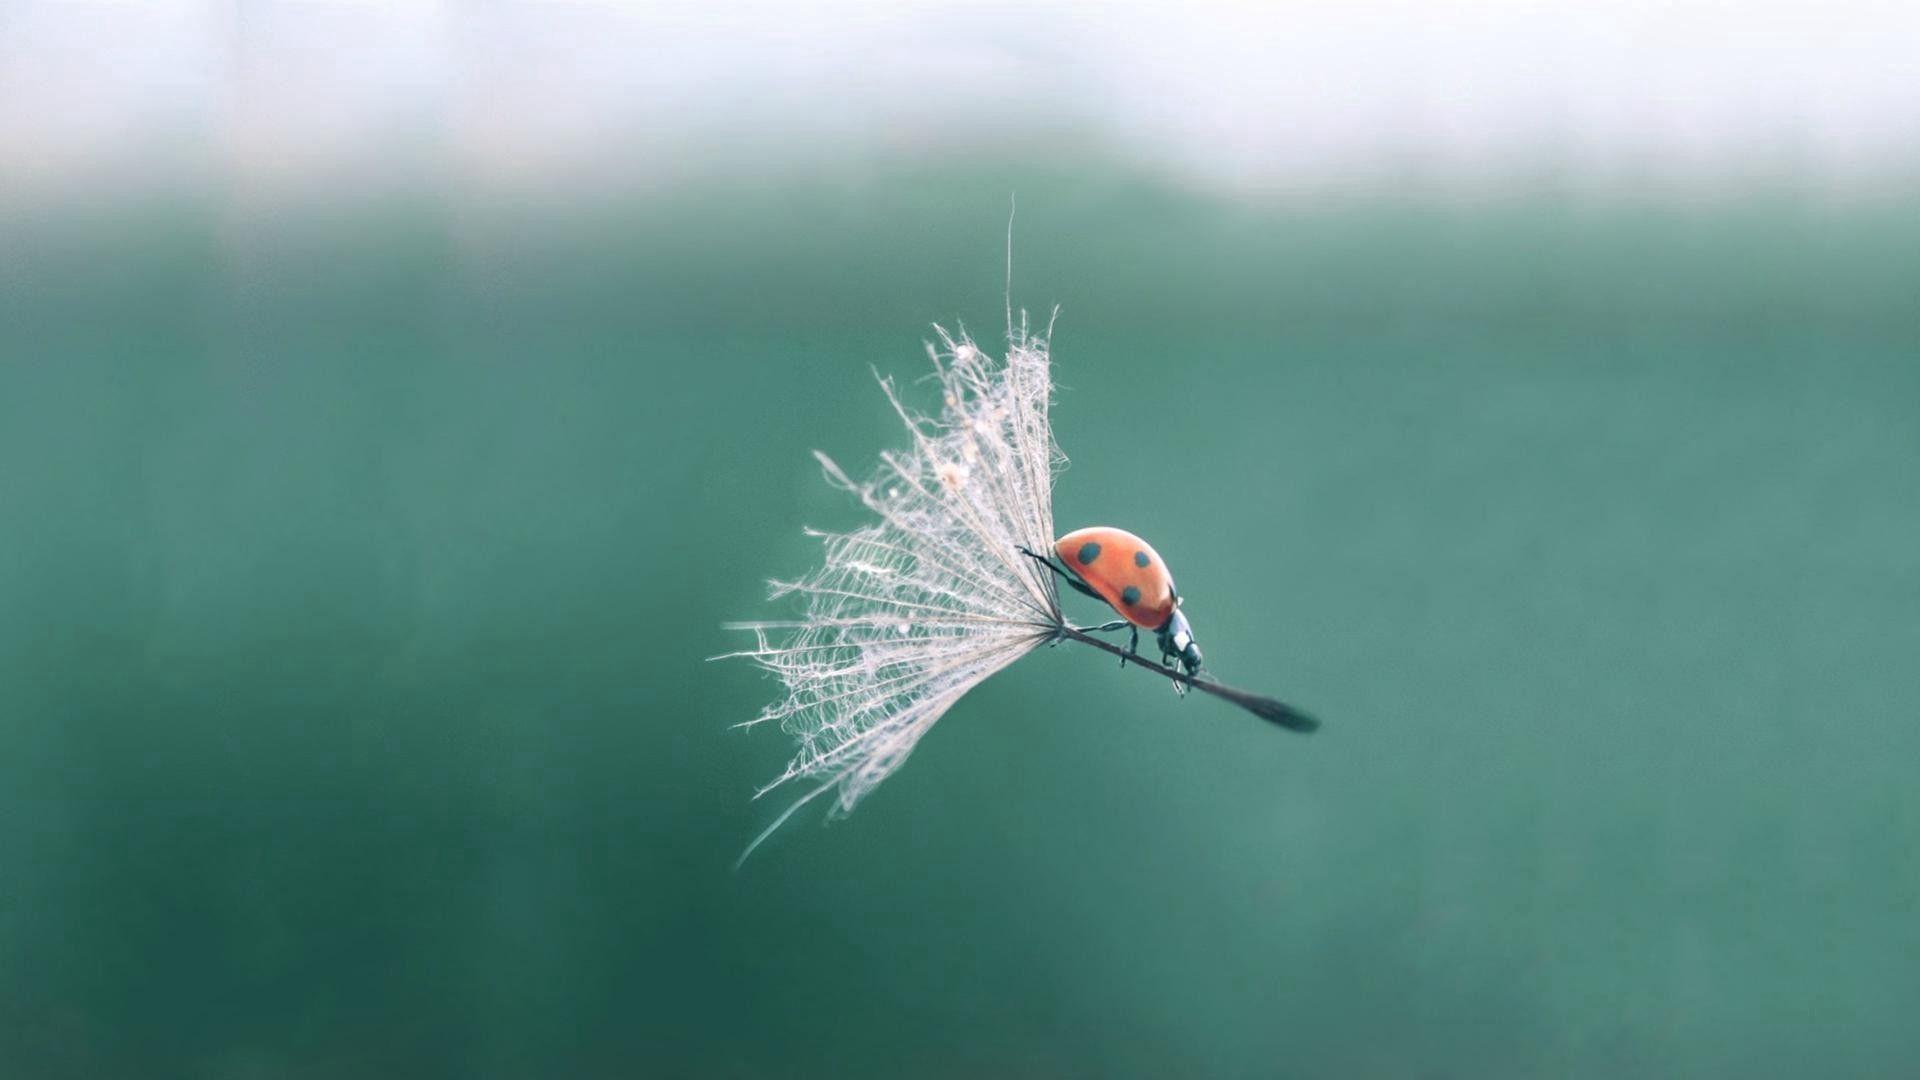 134687 Hintergrundbild herunterladen Marienkäfer, Makro, Insekt, Flug, Ladybird - Bildschirmschoner und Bilder kostenlos